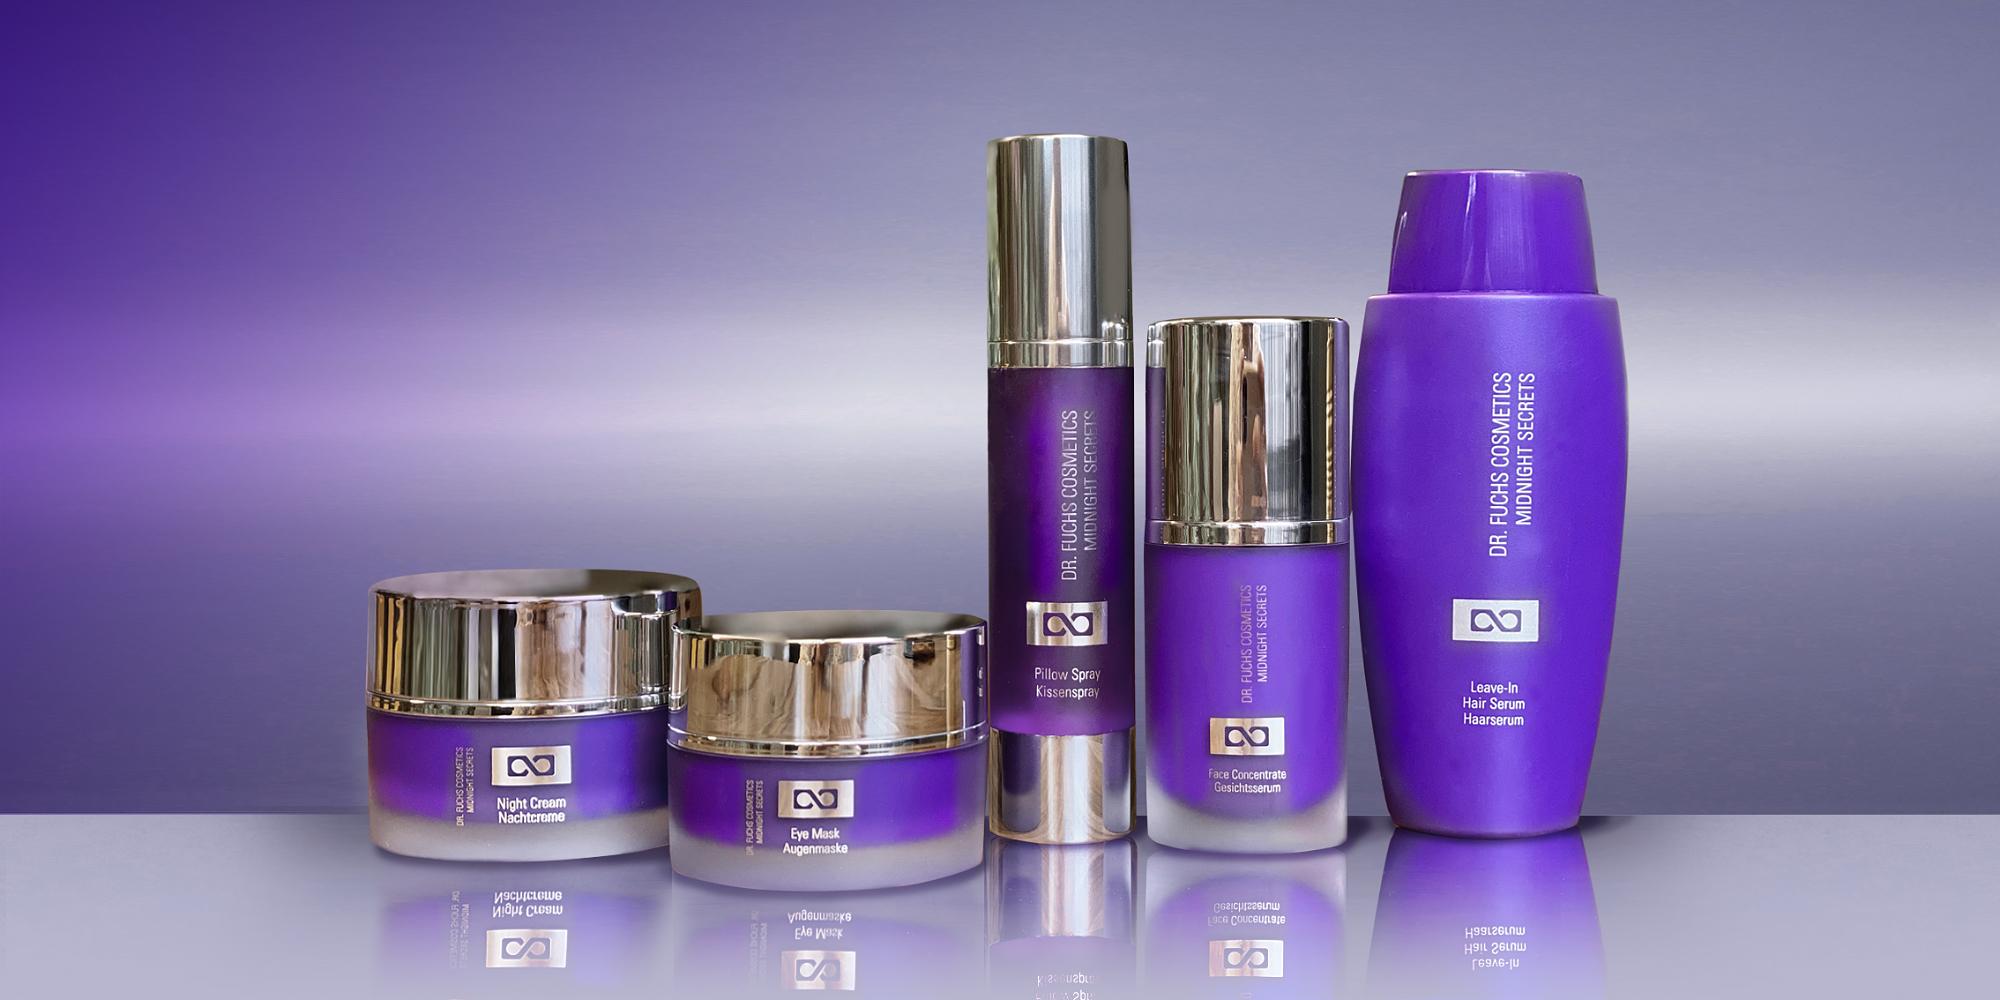 Produktfoto aller Produkte der Dr. Fuchs Cosmetics Ultra Therapy